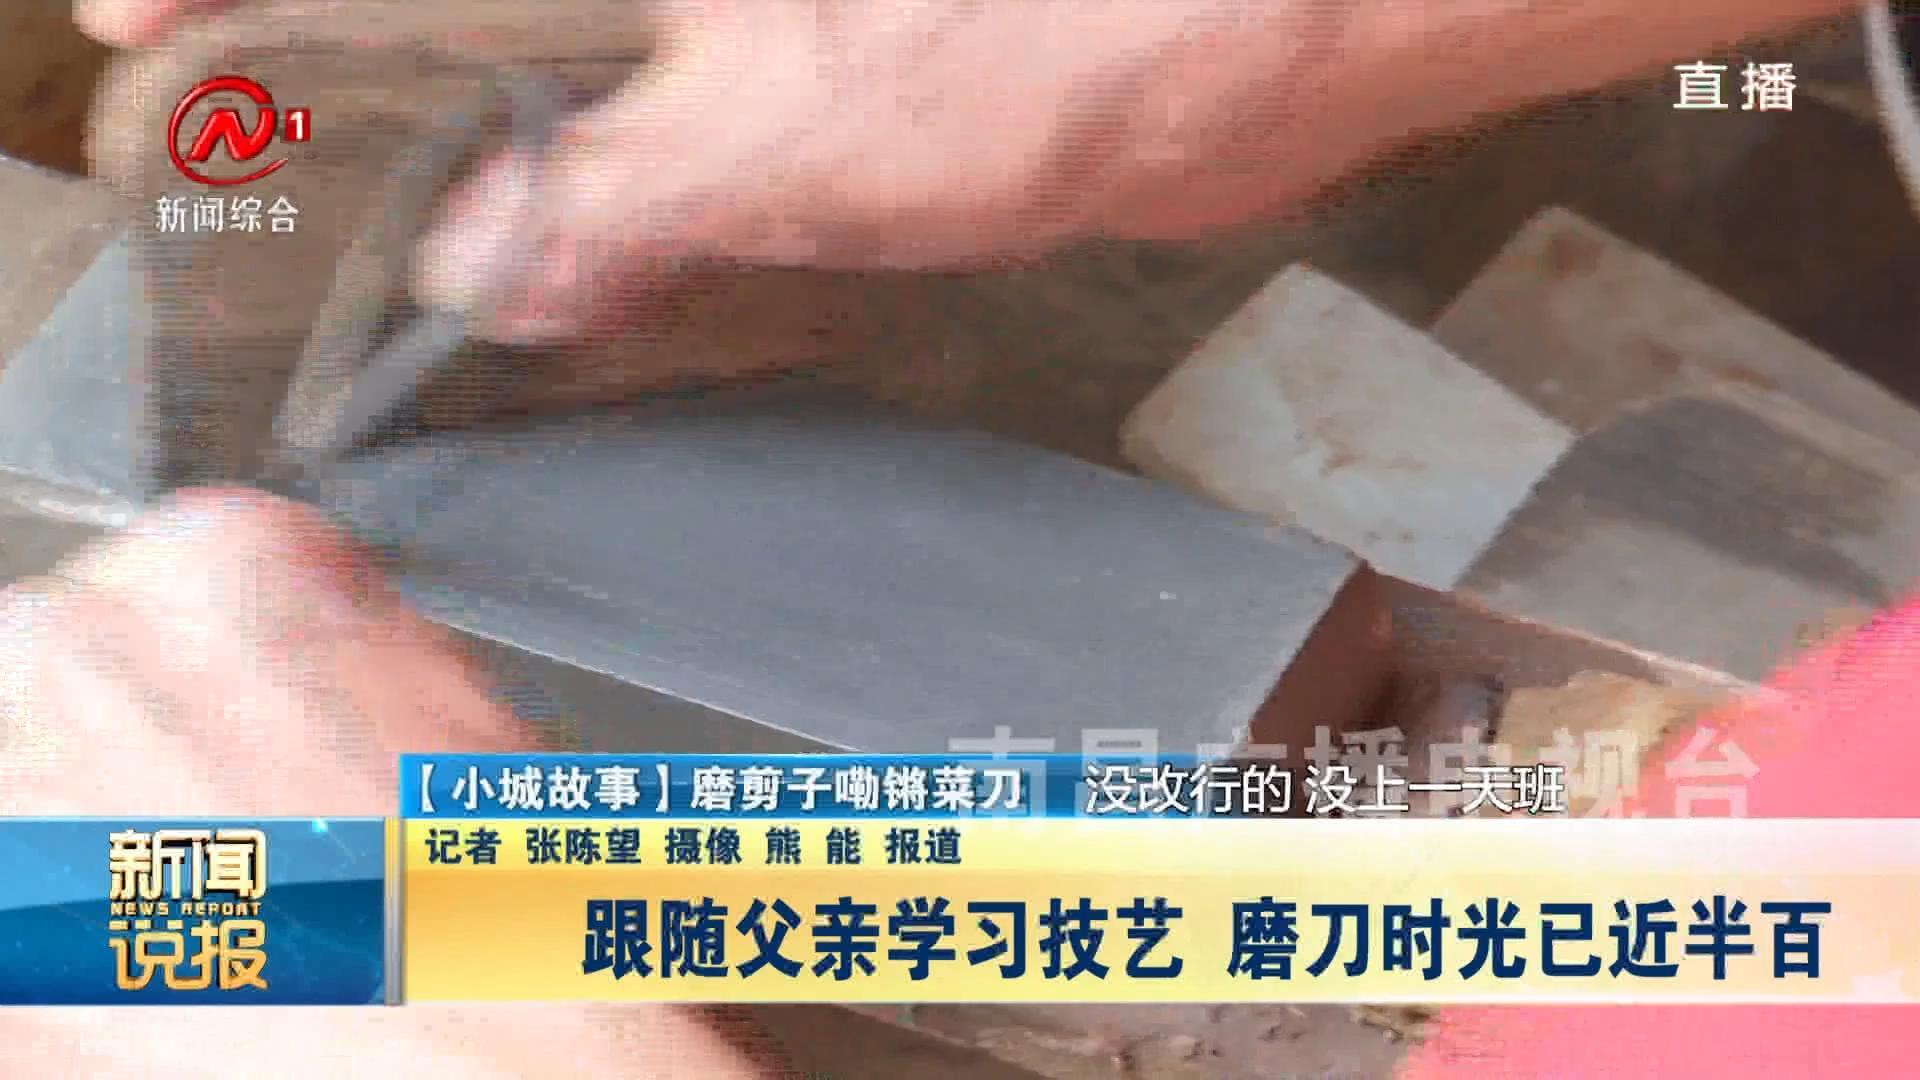 【小城故事】磨剪子嘞锵菜刀